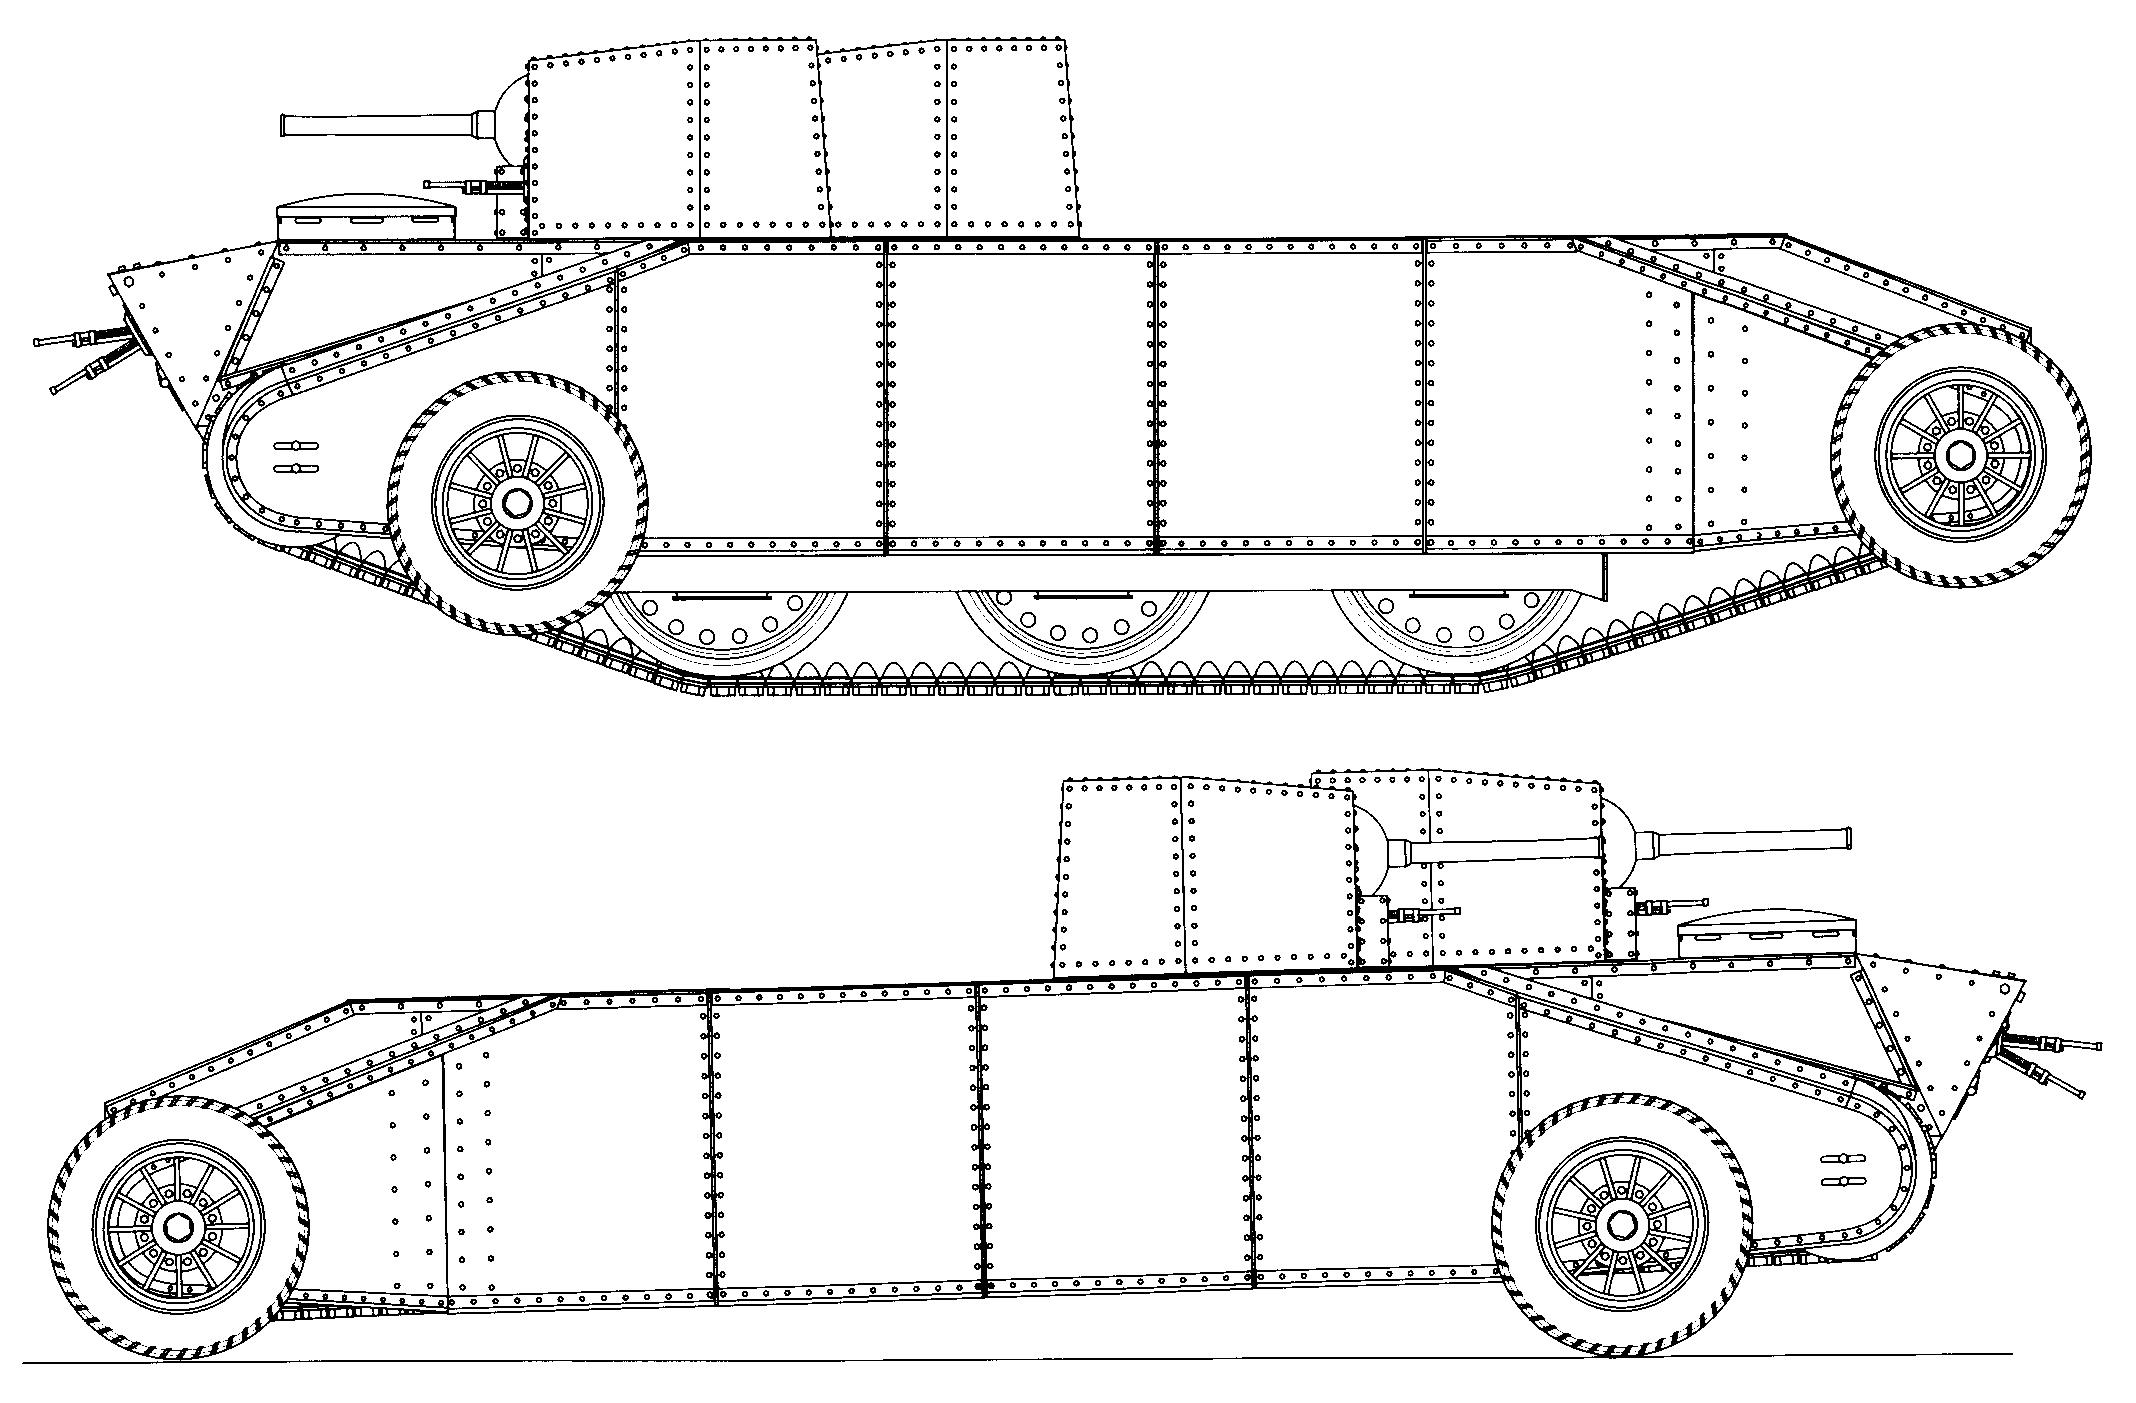 1931. Д-4 - средний колесно-гусеничный двухбашенный танк (прототип)